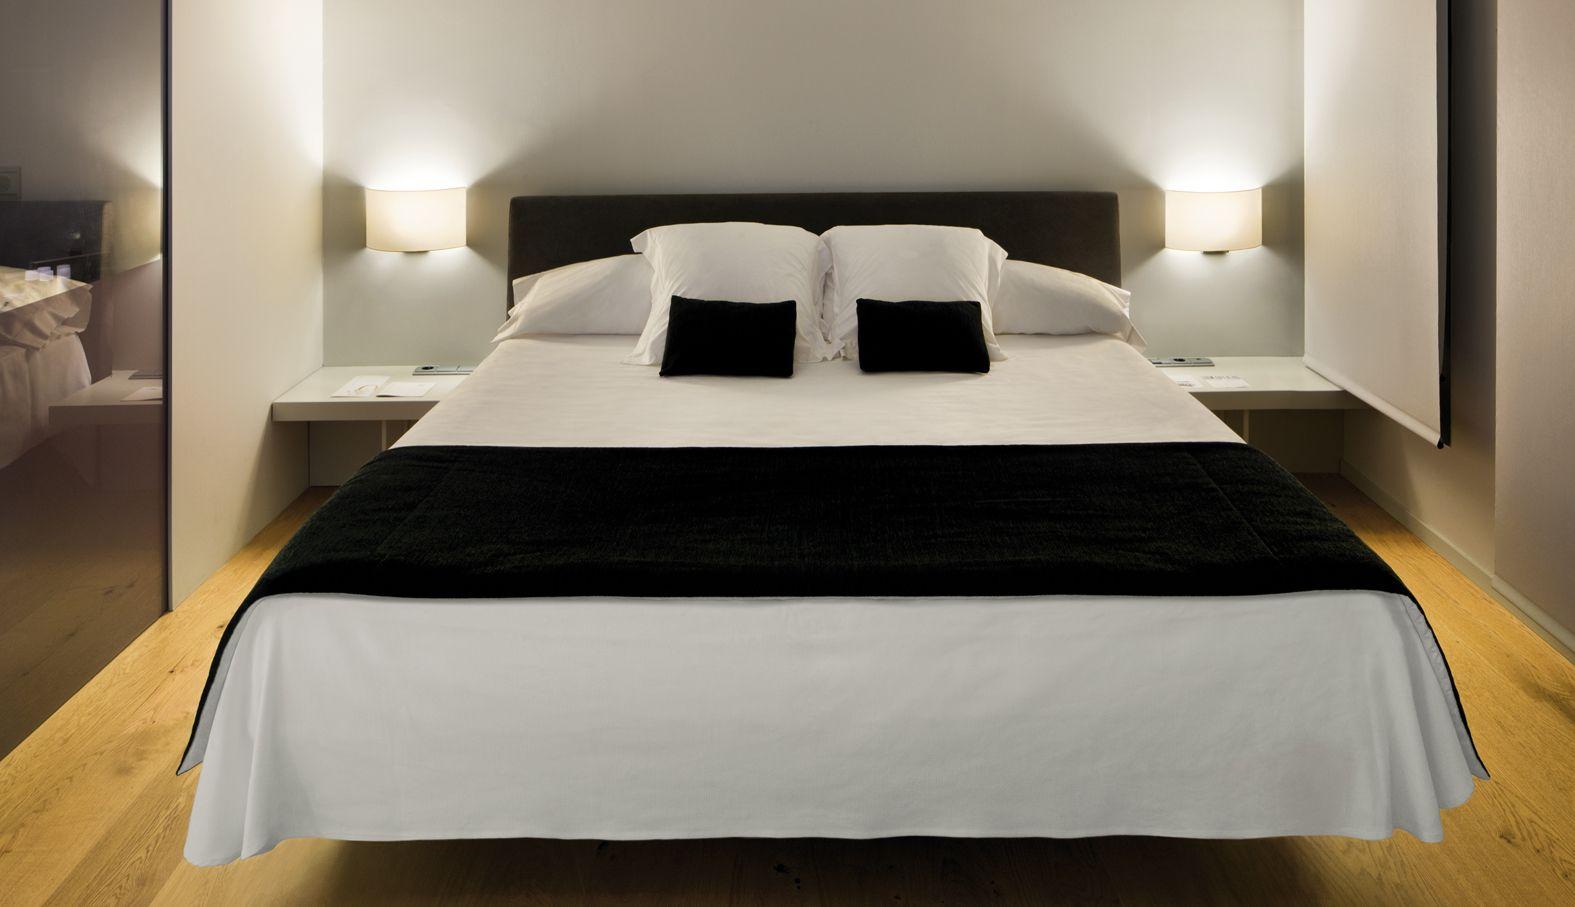 Vibia, Combi, licht, verlichting, lamp, leeslamp, slaapkamer ...